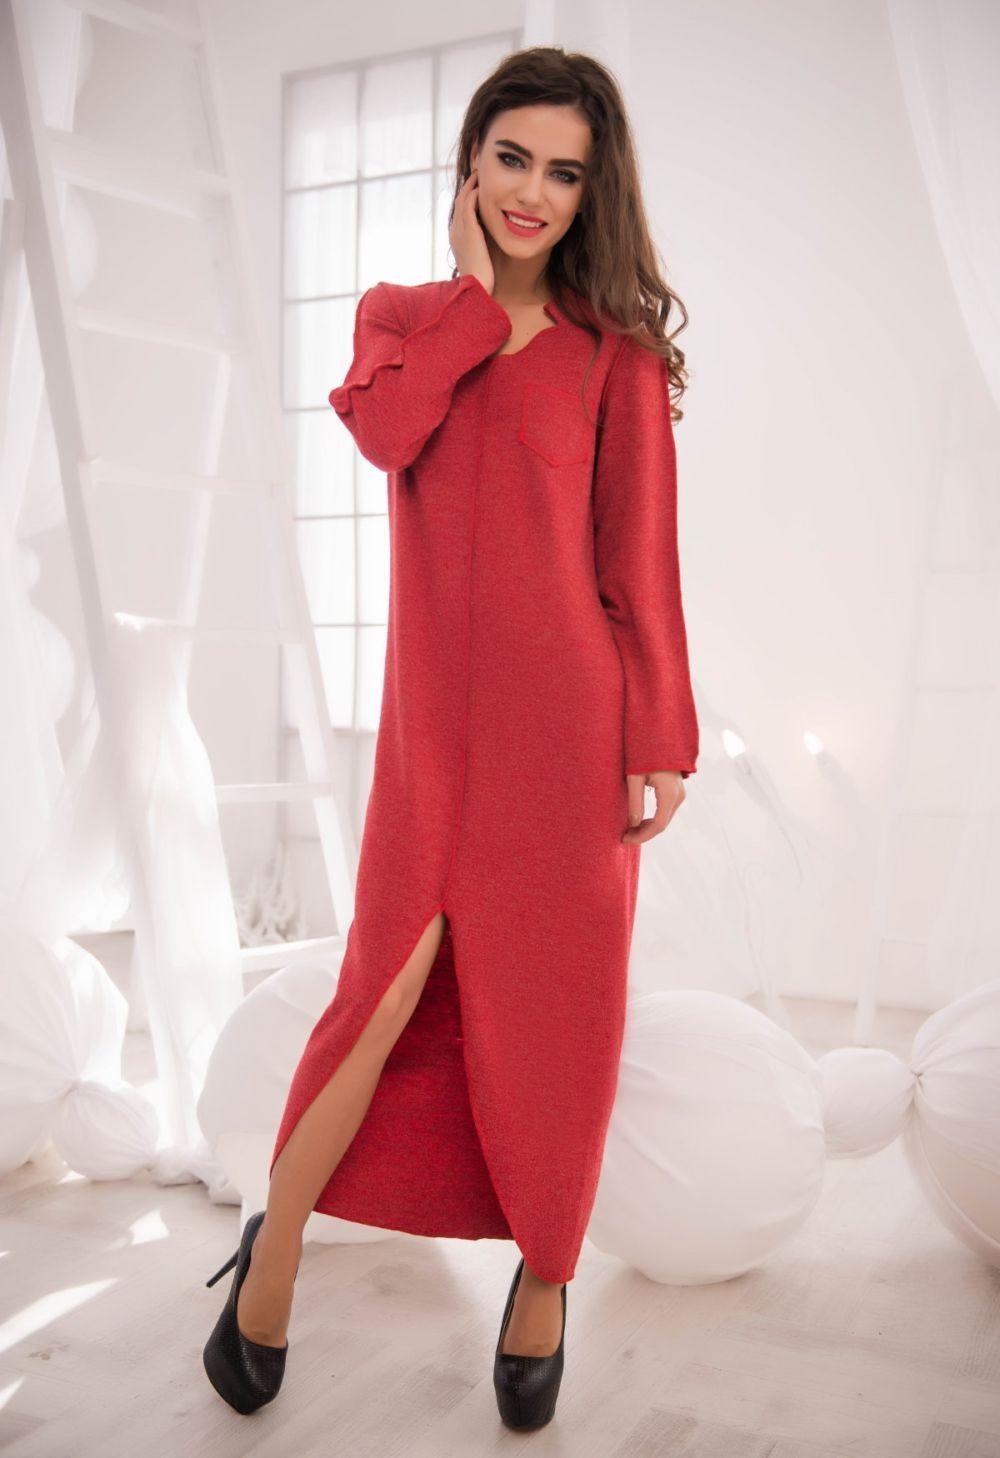 базовый гардероб 2018 2019: платье прямо крой красное длинное